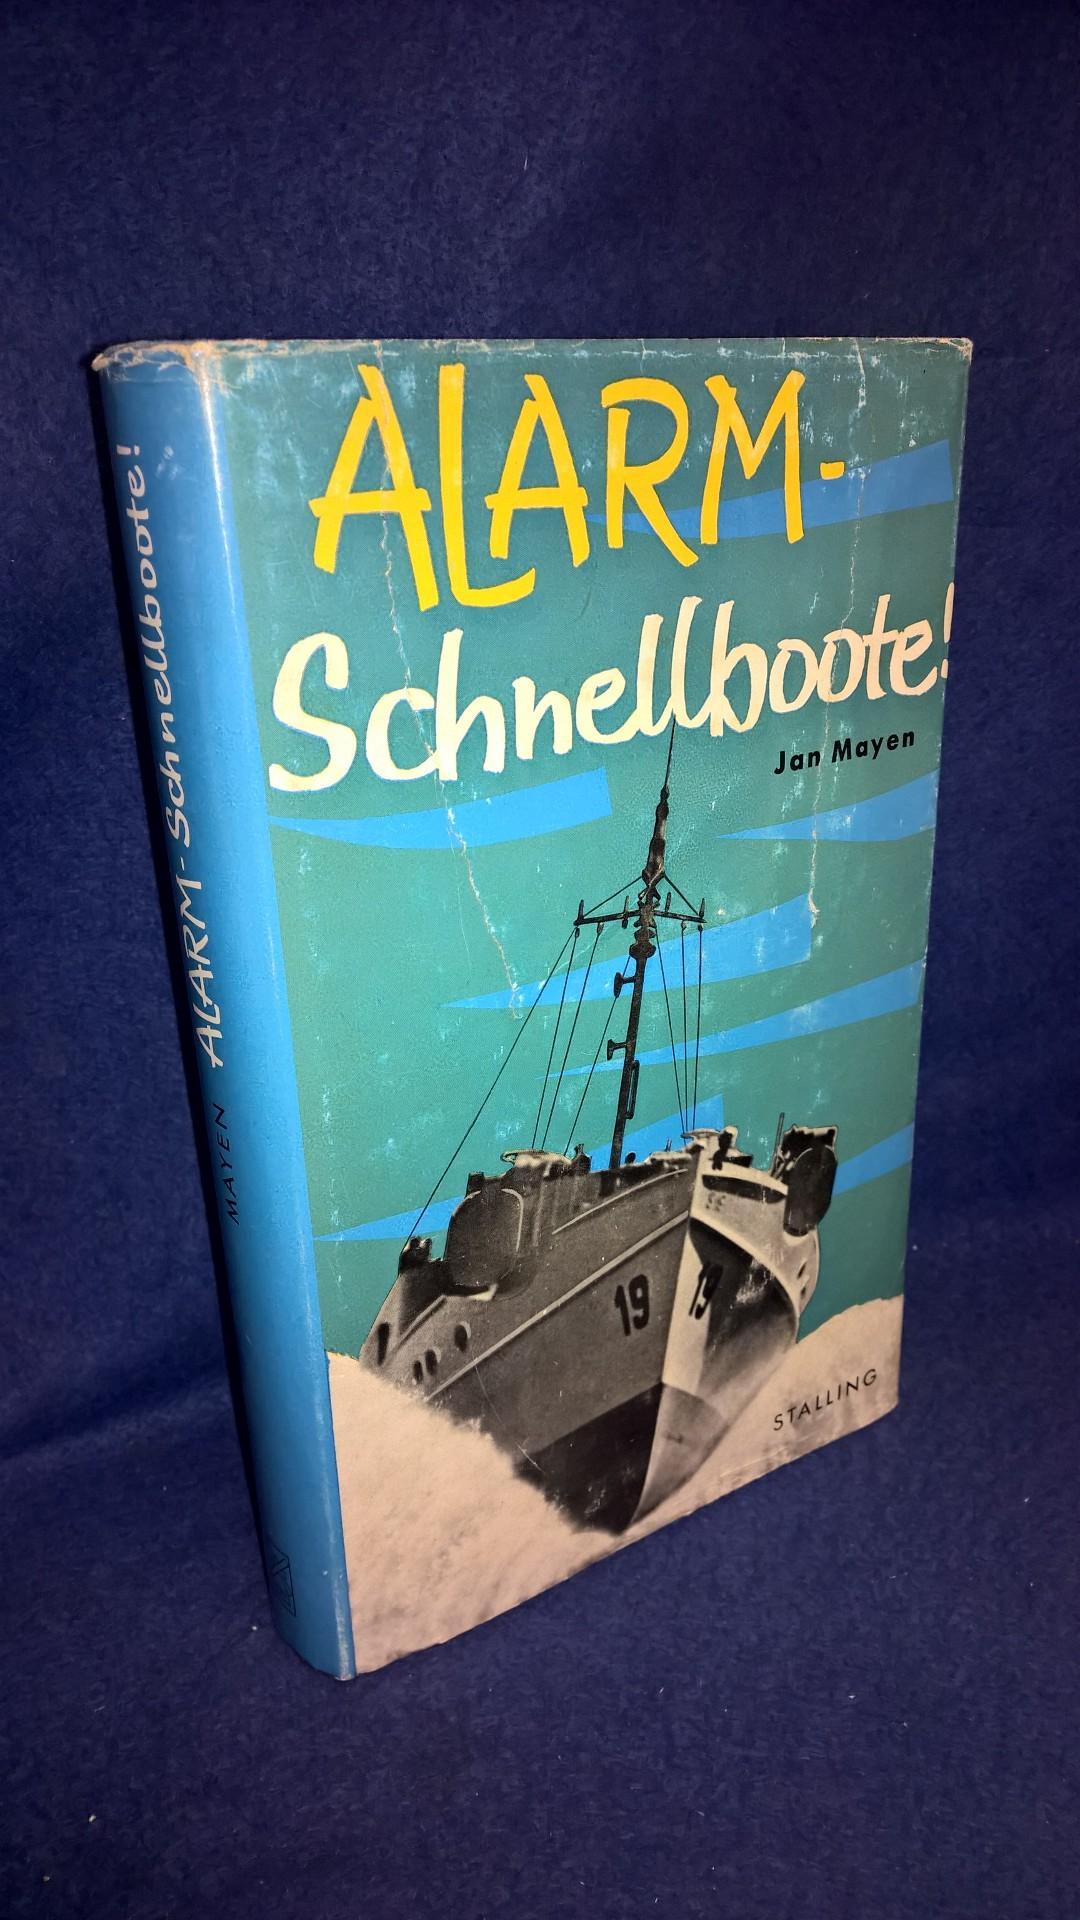 Alarm-Schnellboote! Zwischen Kanal und Kaukasusküste. Ein Tatsachenbericht vom Einsatz der kleinen Boote.